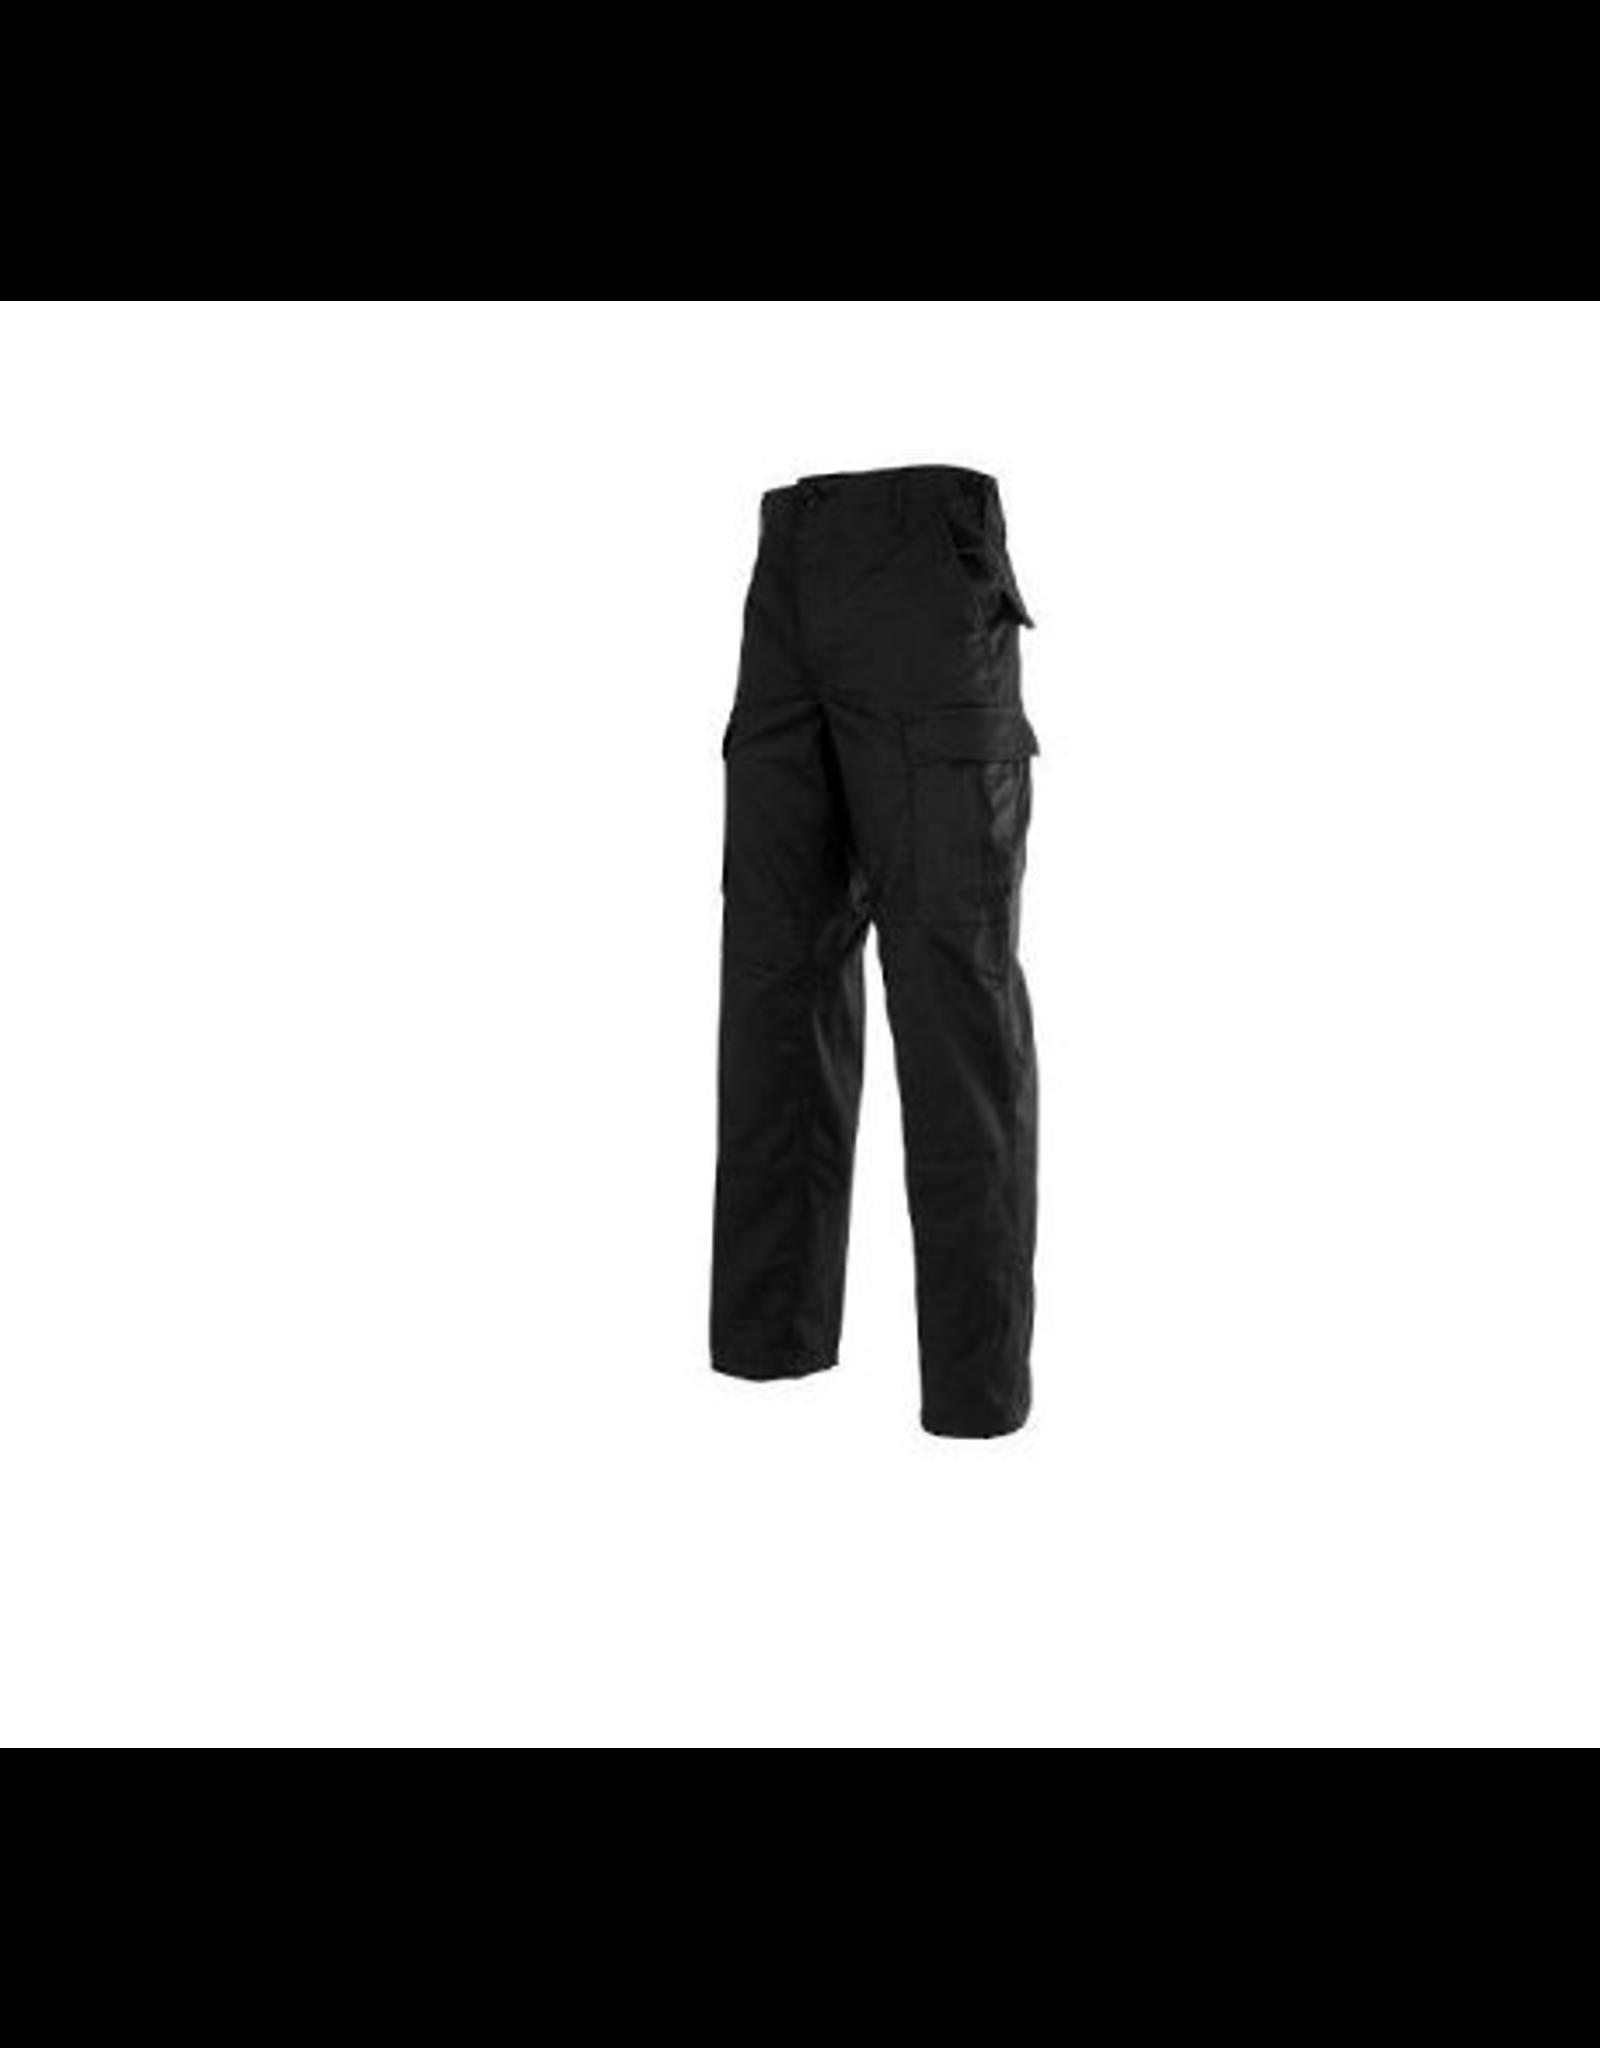 Rothco Rothco BDU Pants XL